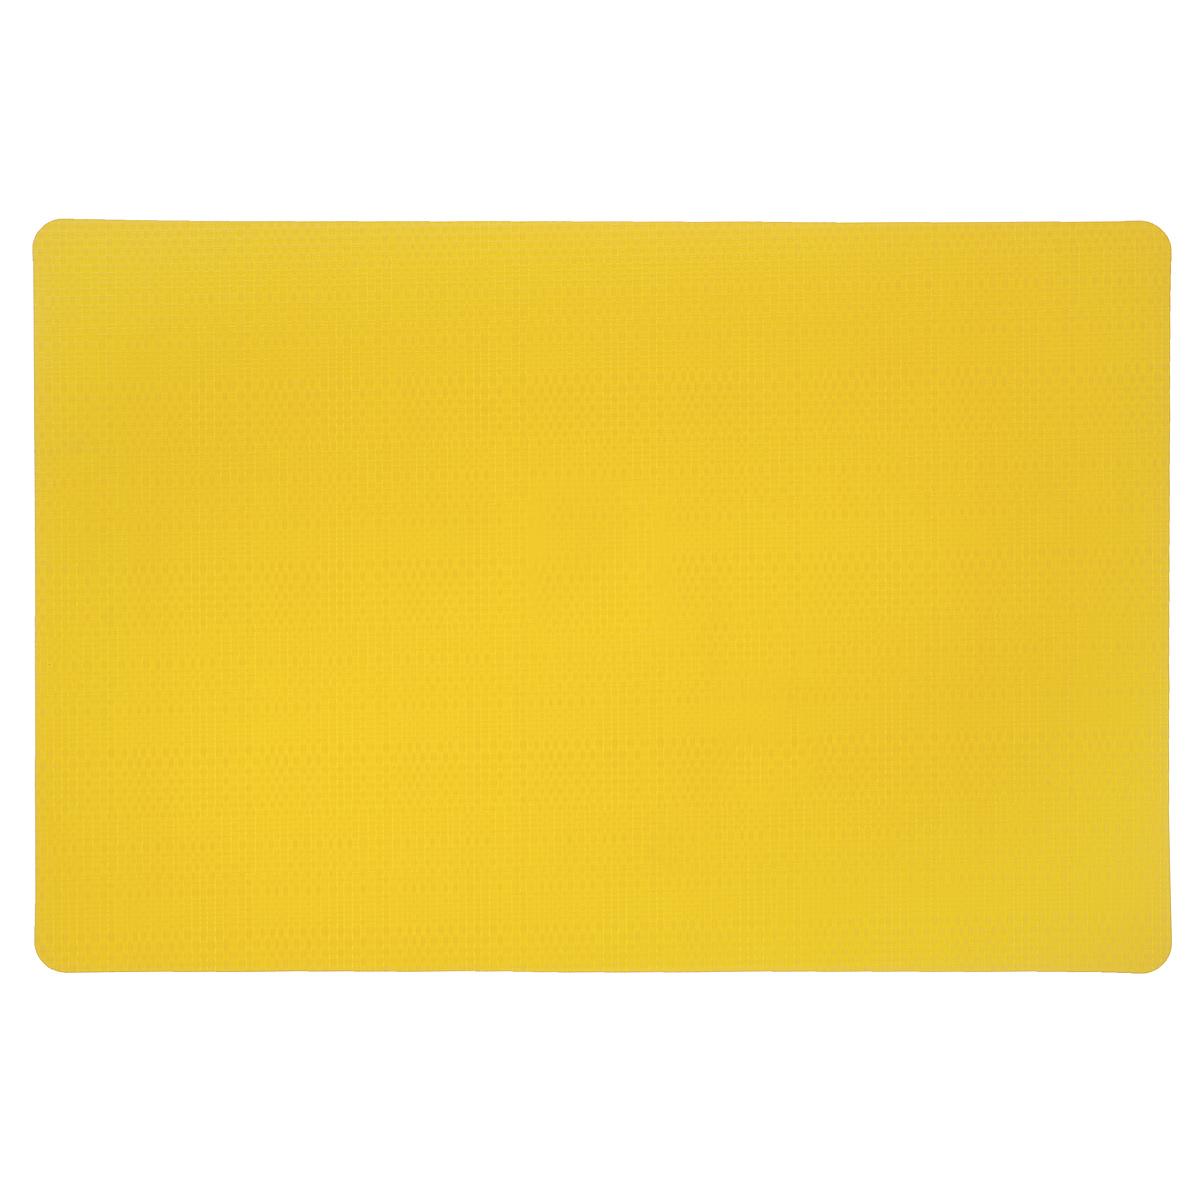 Подставка под горячее Amadeus, цвет: желтый, 43 см х 28,5 см. 28HZ-906328HZ-9063Прямоугольная подставка под горячее Amadeus выполнена из мягкого пластика с декоративной плетеной текстурой. Подставка не боится высоких температур и легко чистится от пятен и жира. Каждая хозяйка знает, что подставка под горячее - это незаменимый и очень полезный аксессуар на каждой кухне. Ваш стол будет не только украшен оригинальной подставкой, но и сбережен от воздействия высоких температур ваших кулинарных шедевров. Размер подставки: 43 см х 28,5 см.